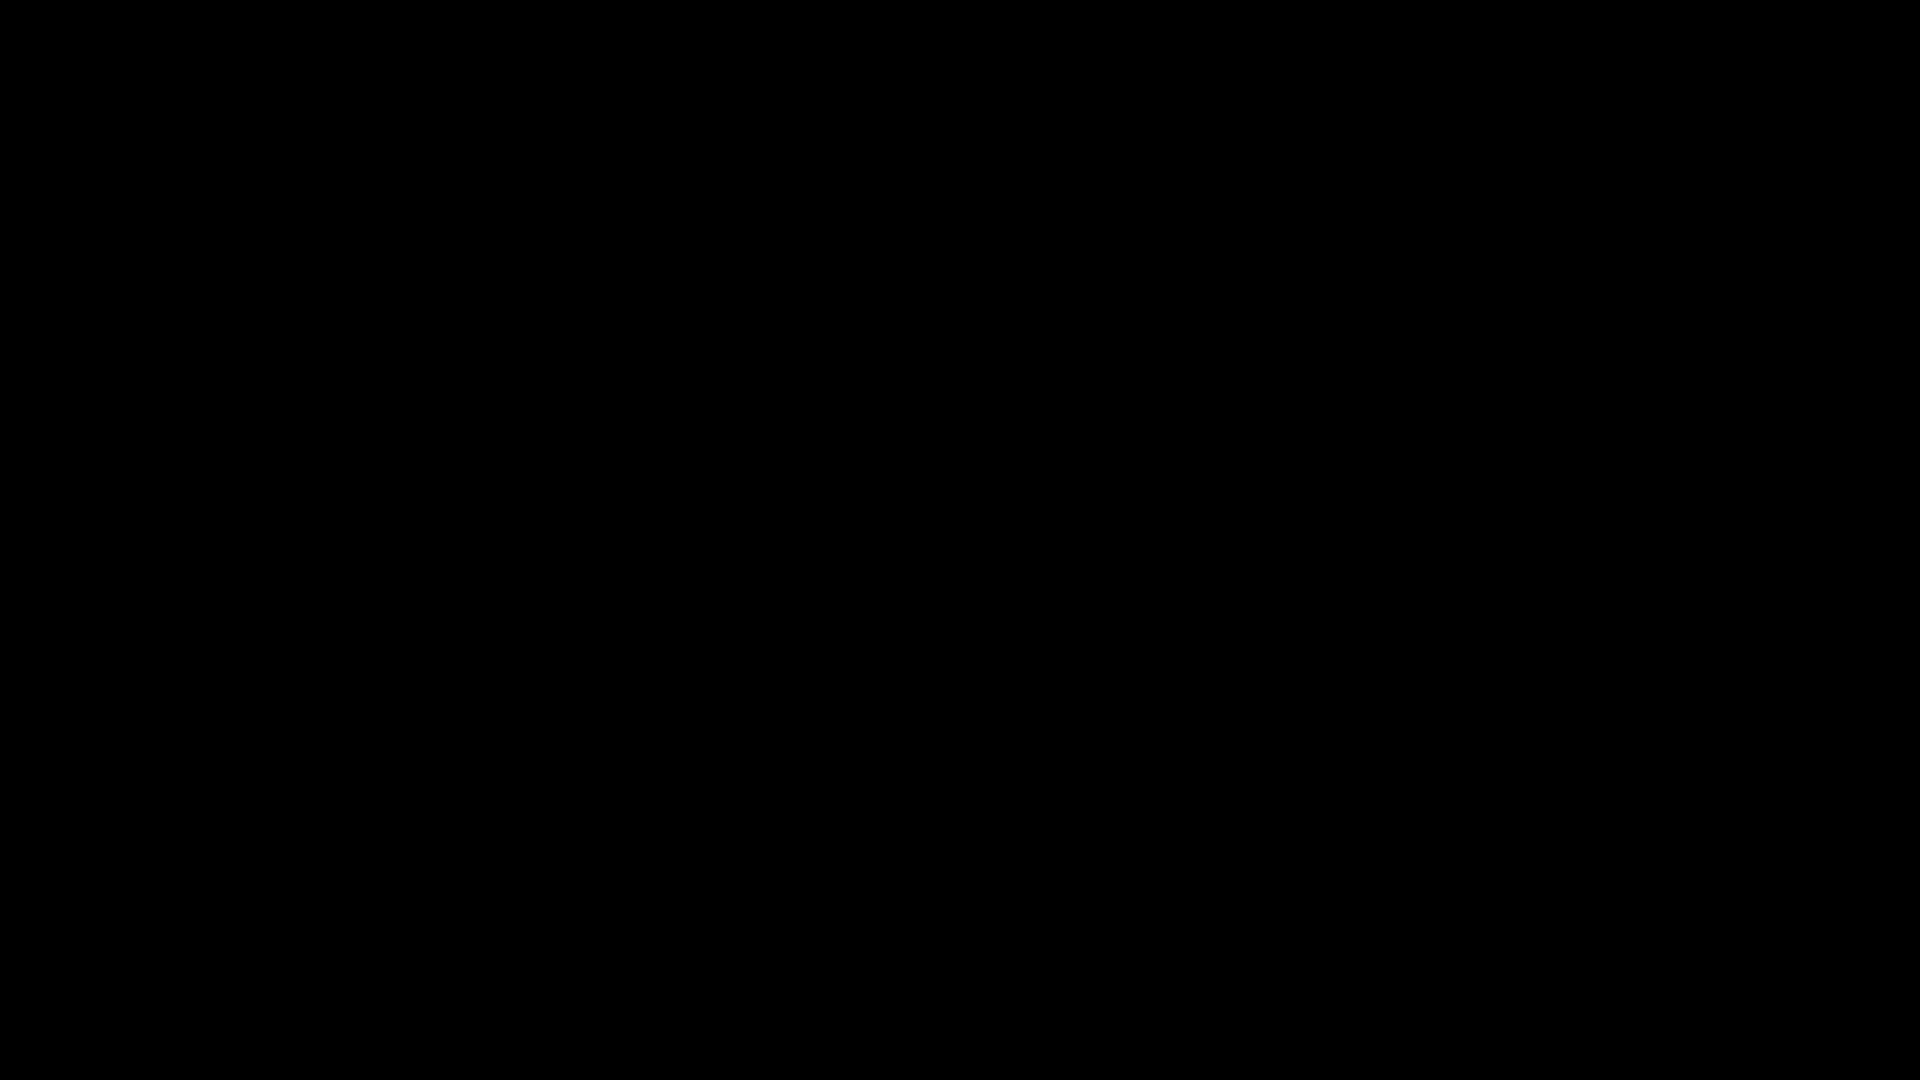 bad steam reviews, ingenious clown, ingeniousclown, reading bad steam reviews, steam reviews, terraria, terraria bad, terraria review, terraria stupid, unplayable, Terraria - Reading Bad Steam Reviews 3 GIFs